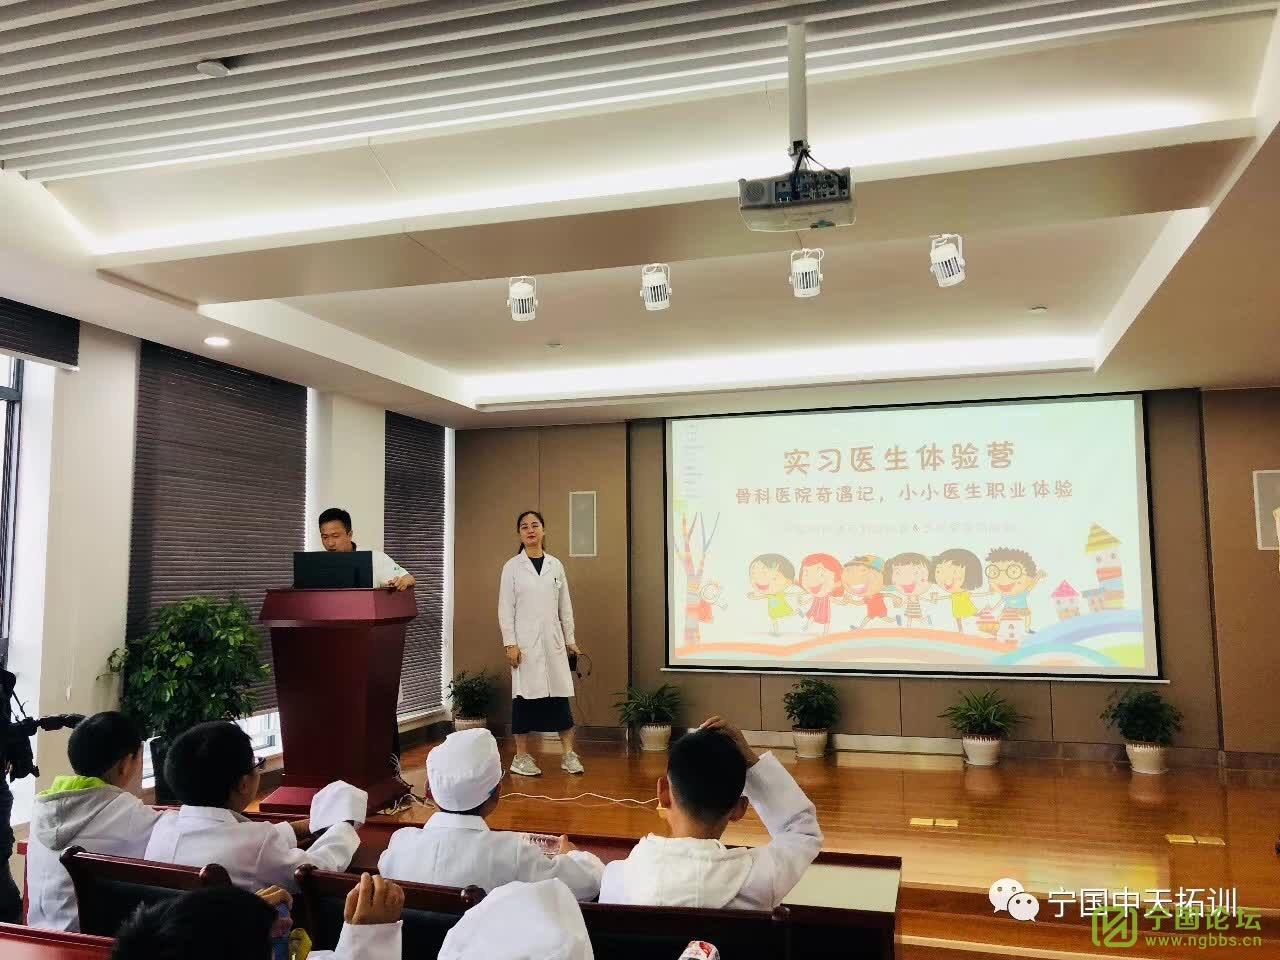 骨科医院奇遇记,小小医生职业体验 - 宁国论坛 - IMG_3516.JPG